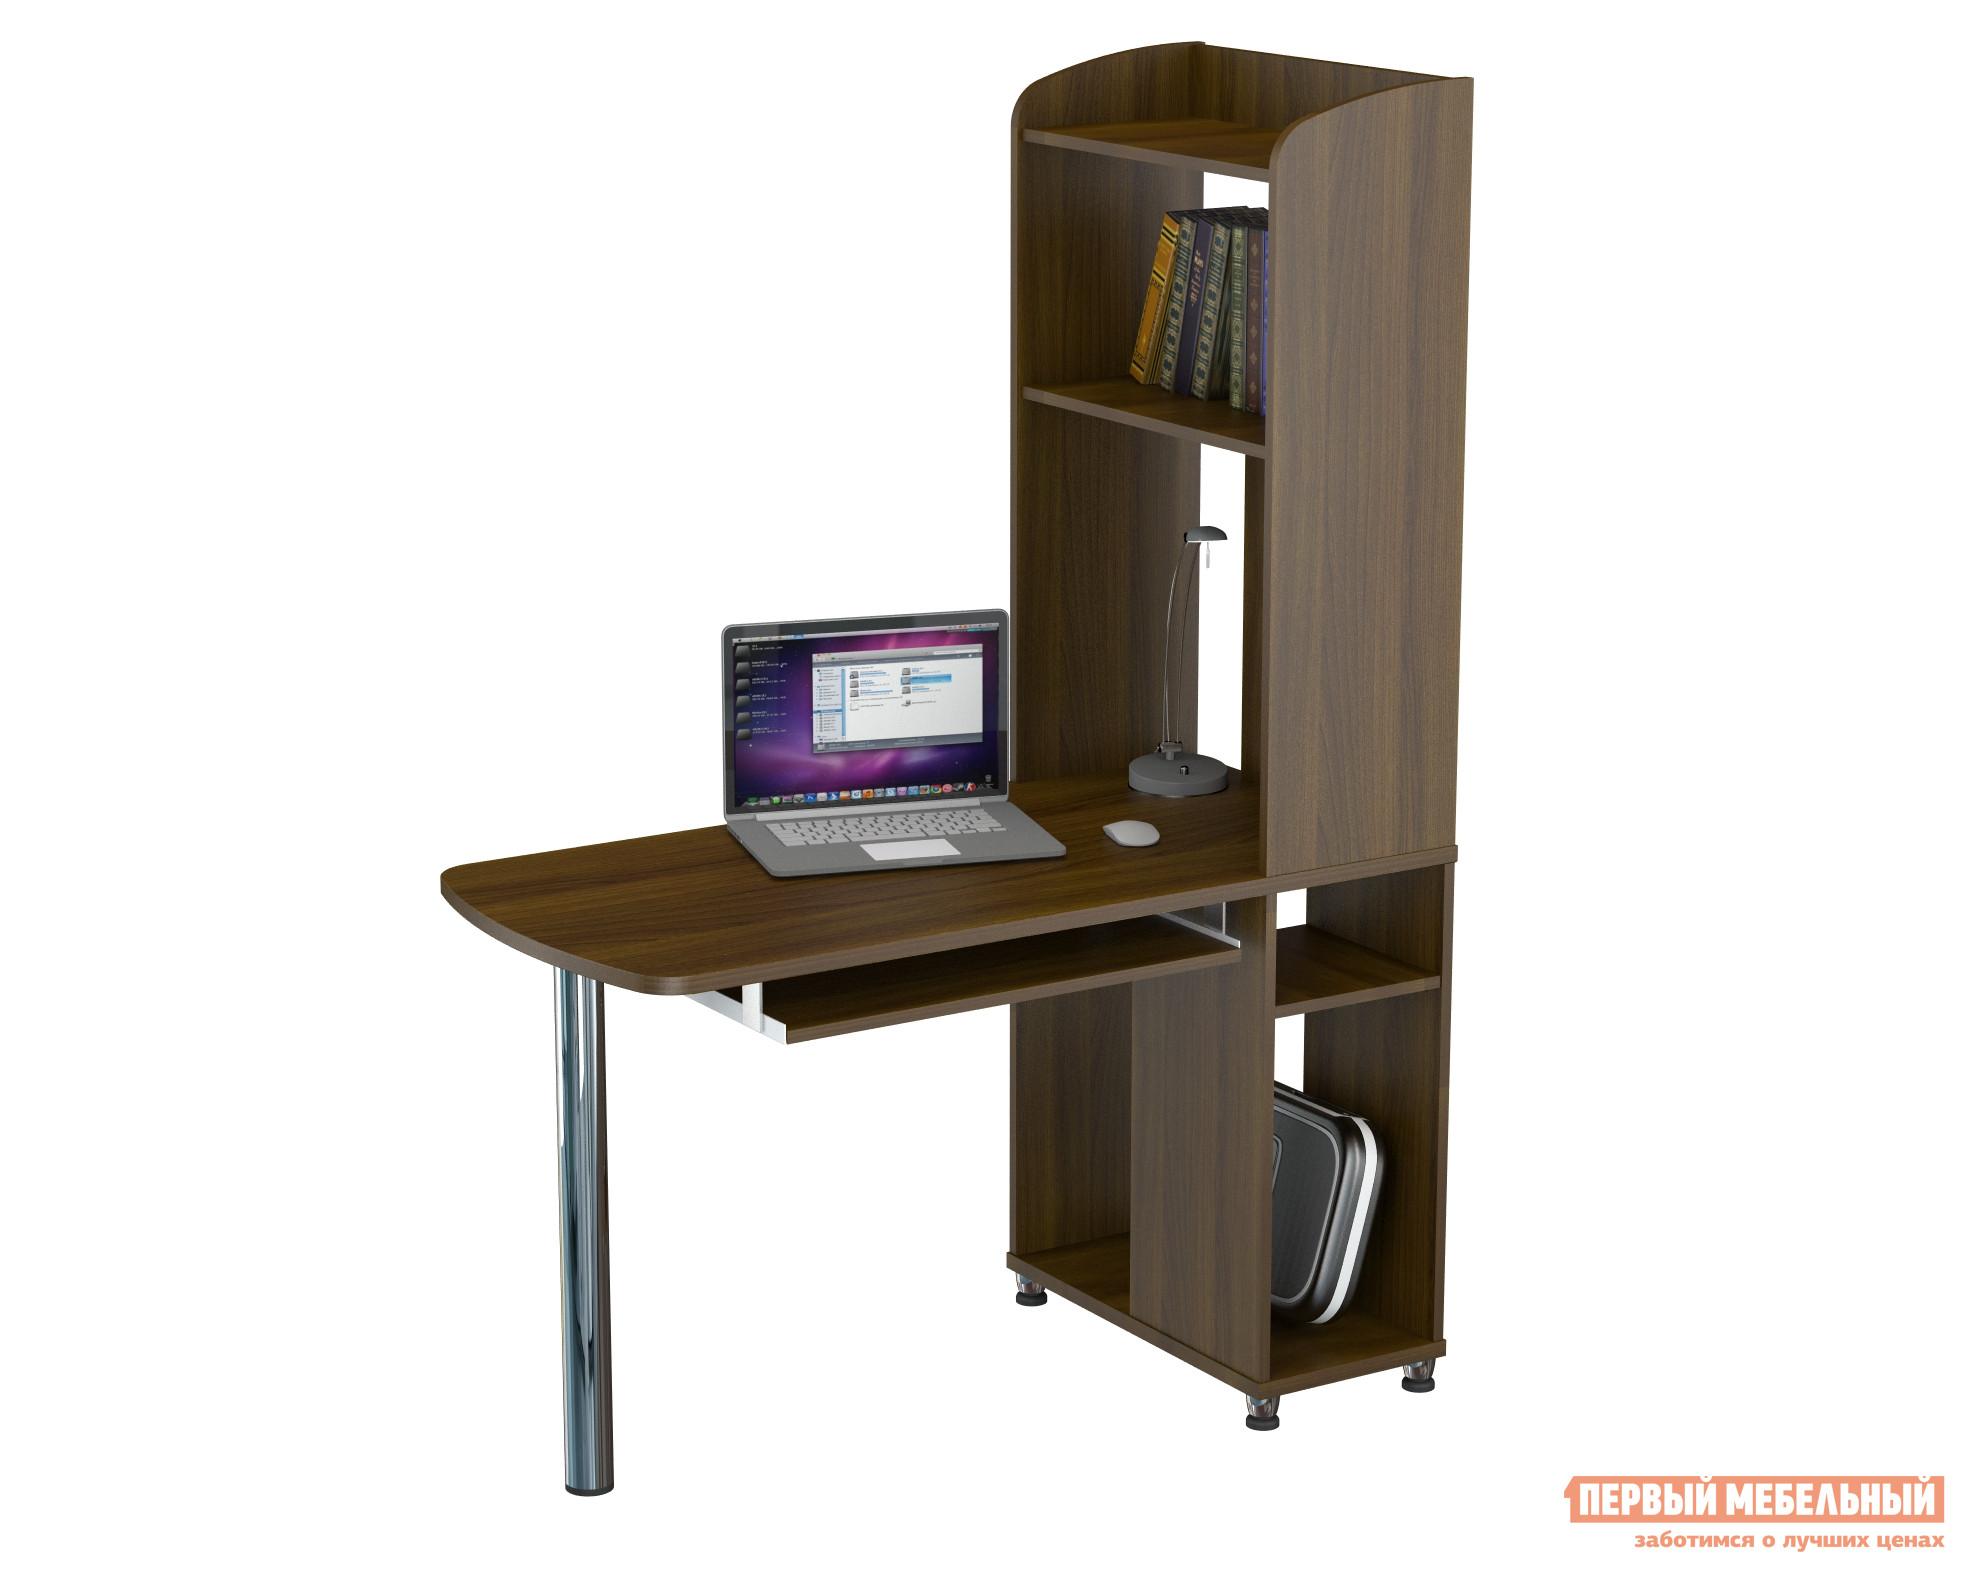 Угловой компьютерный стол ВасКо КС 20-31 м1 стол компьютерный васко кс 20 30 м1 дуб сонома